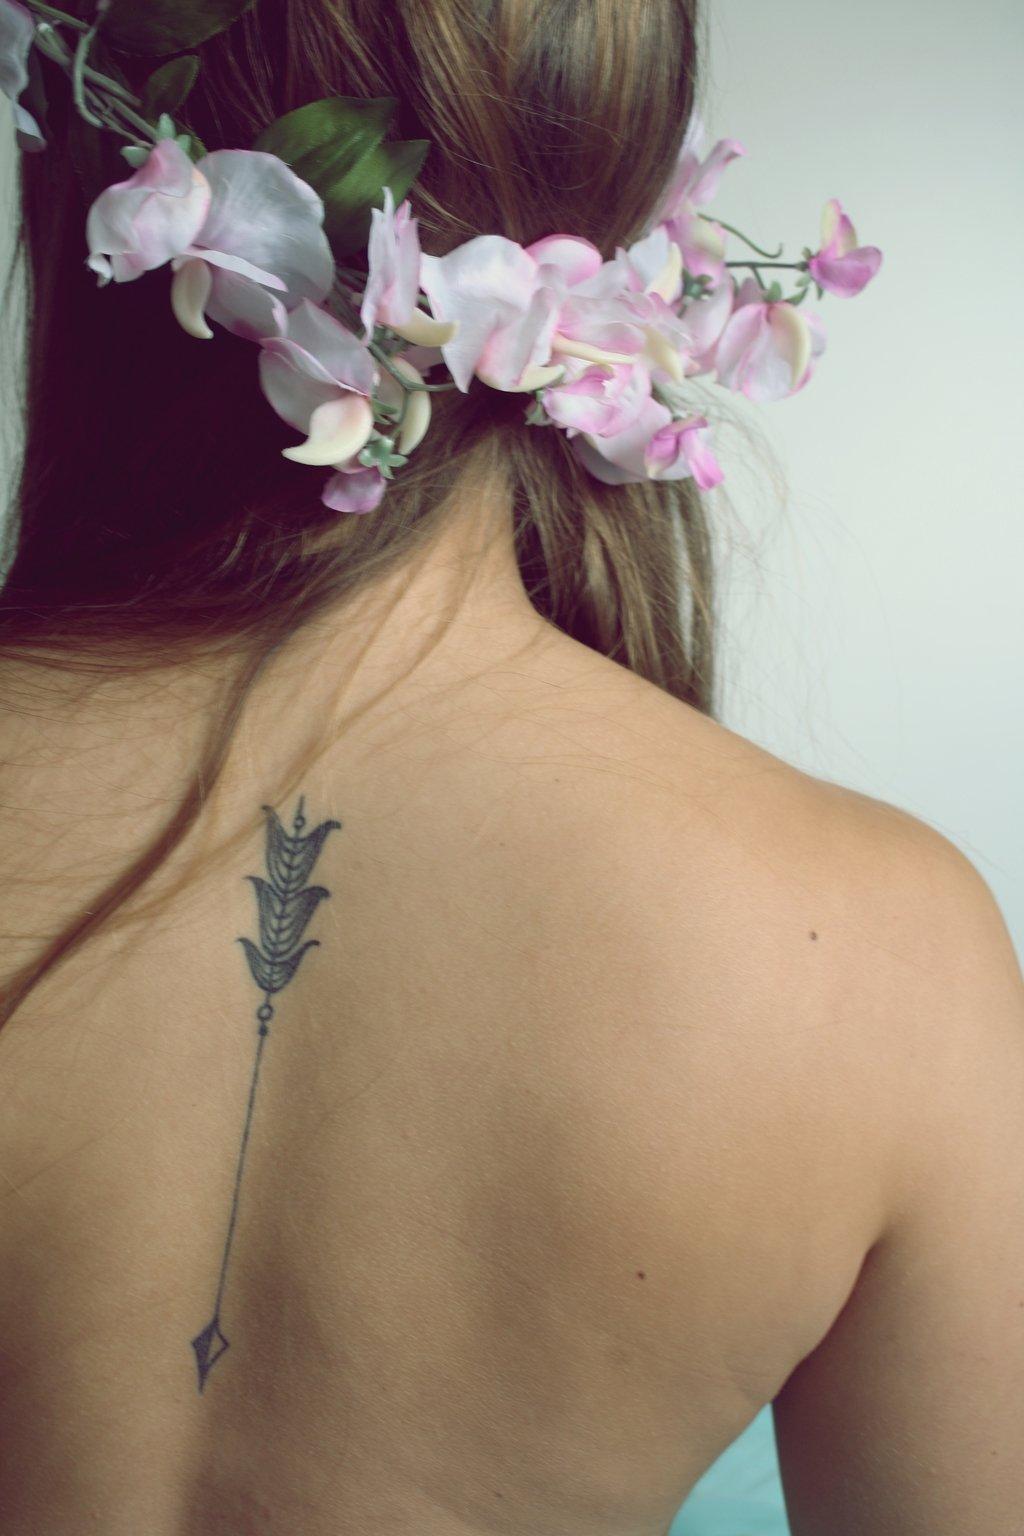 Tatuaje flecha en la espalda